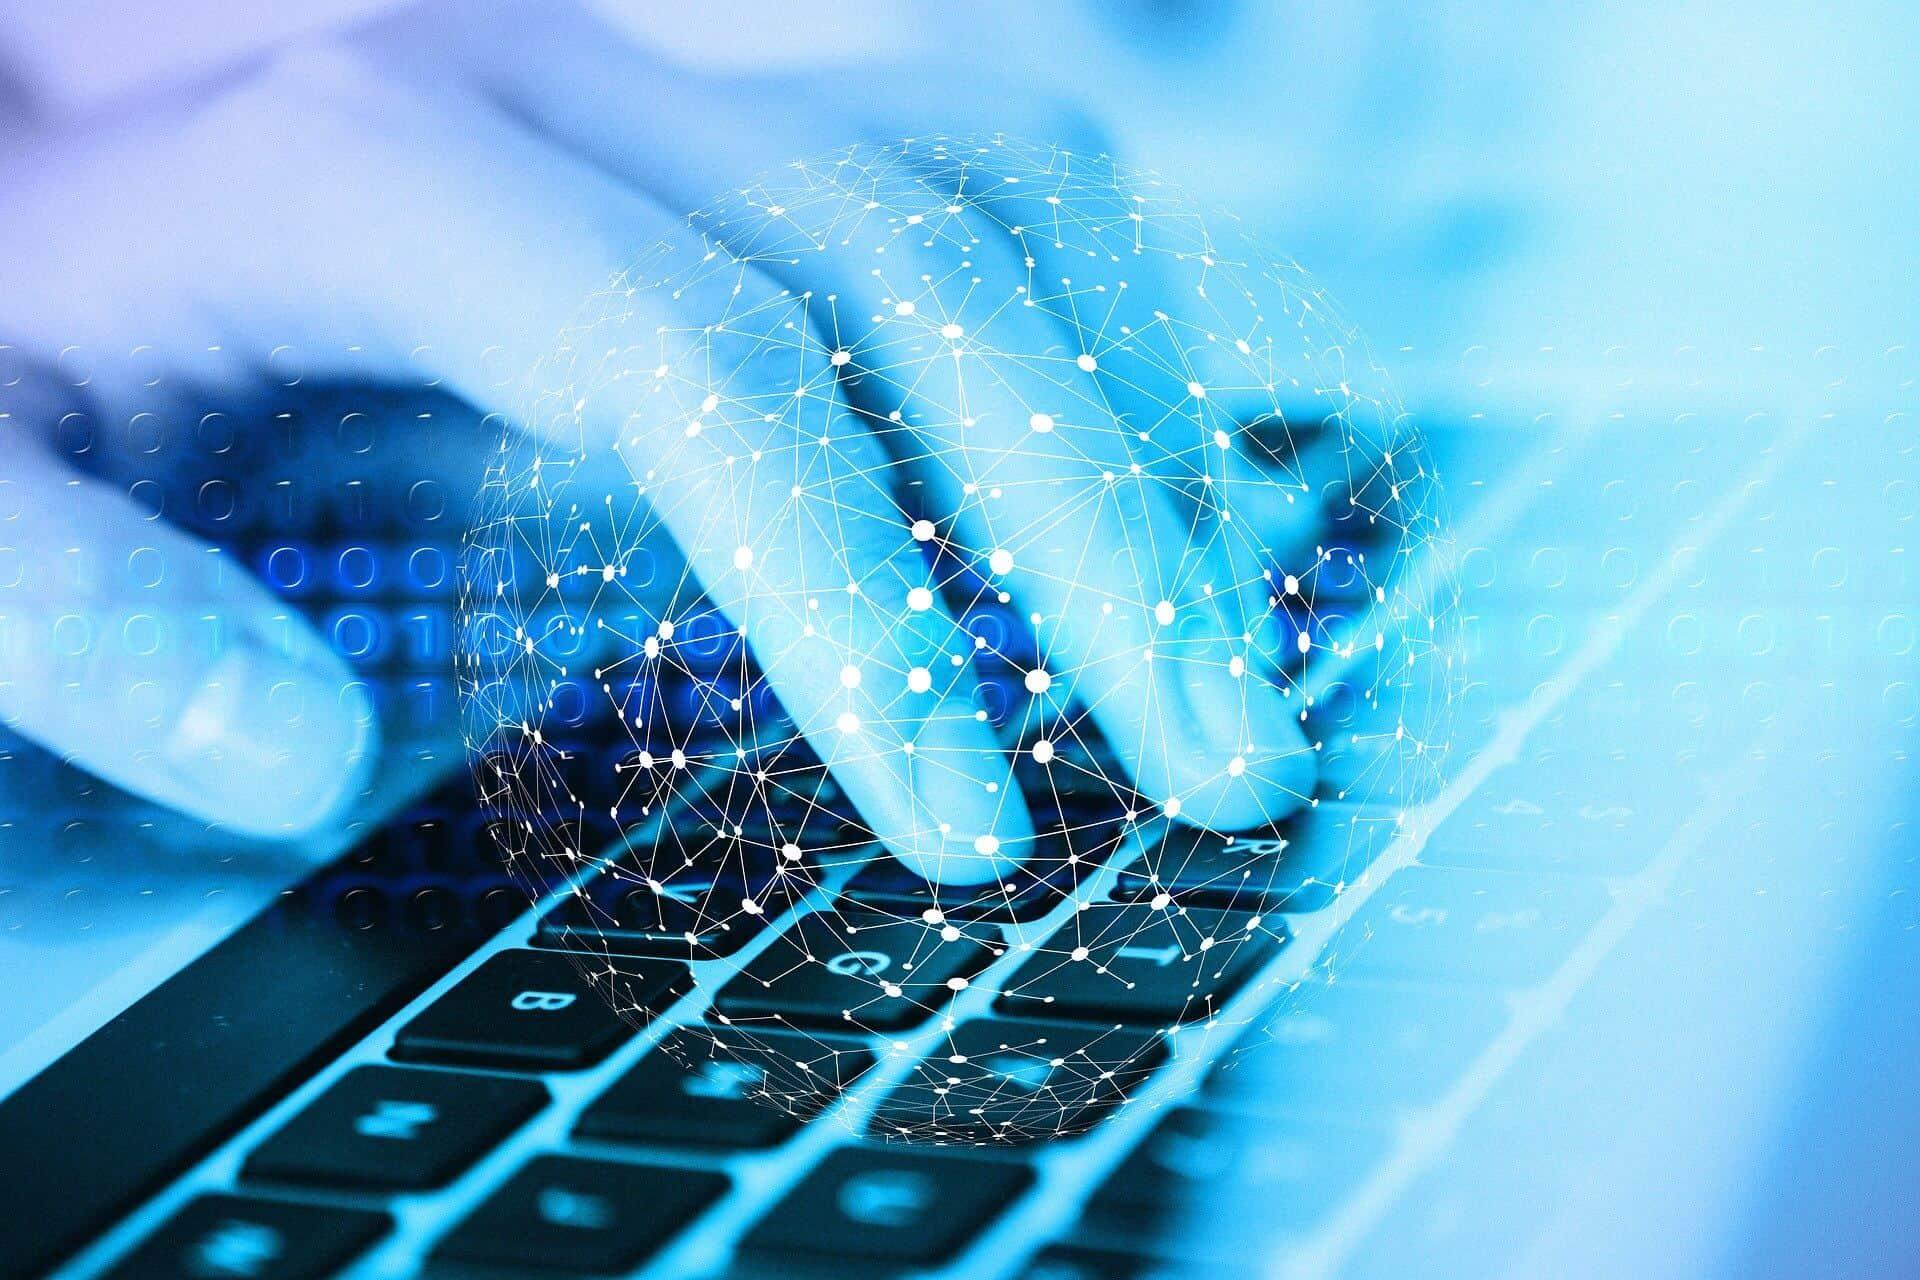 por que os honeypots são utilizados para cibersegurança